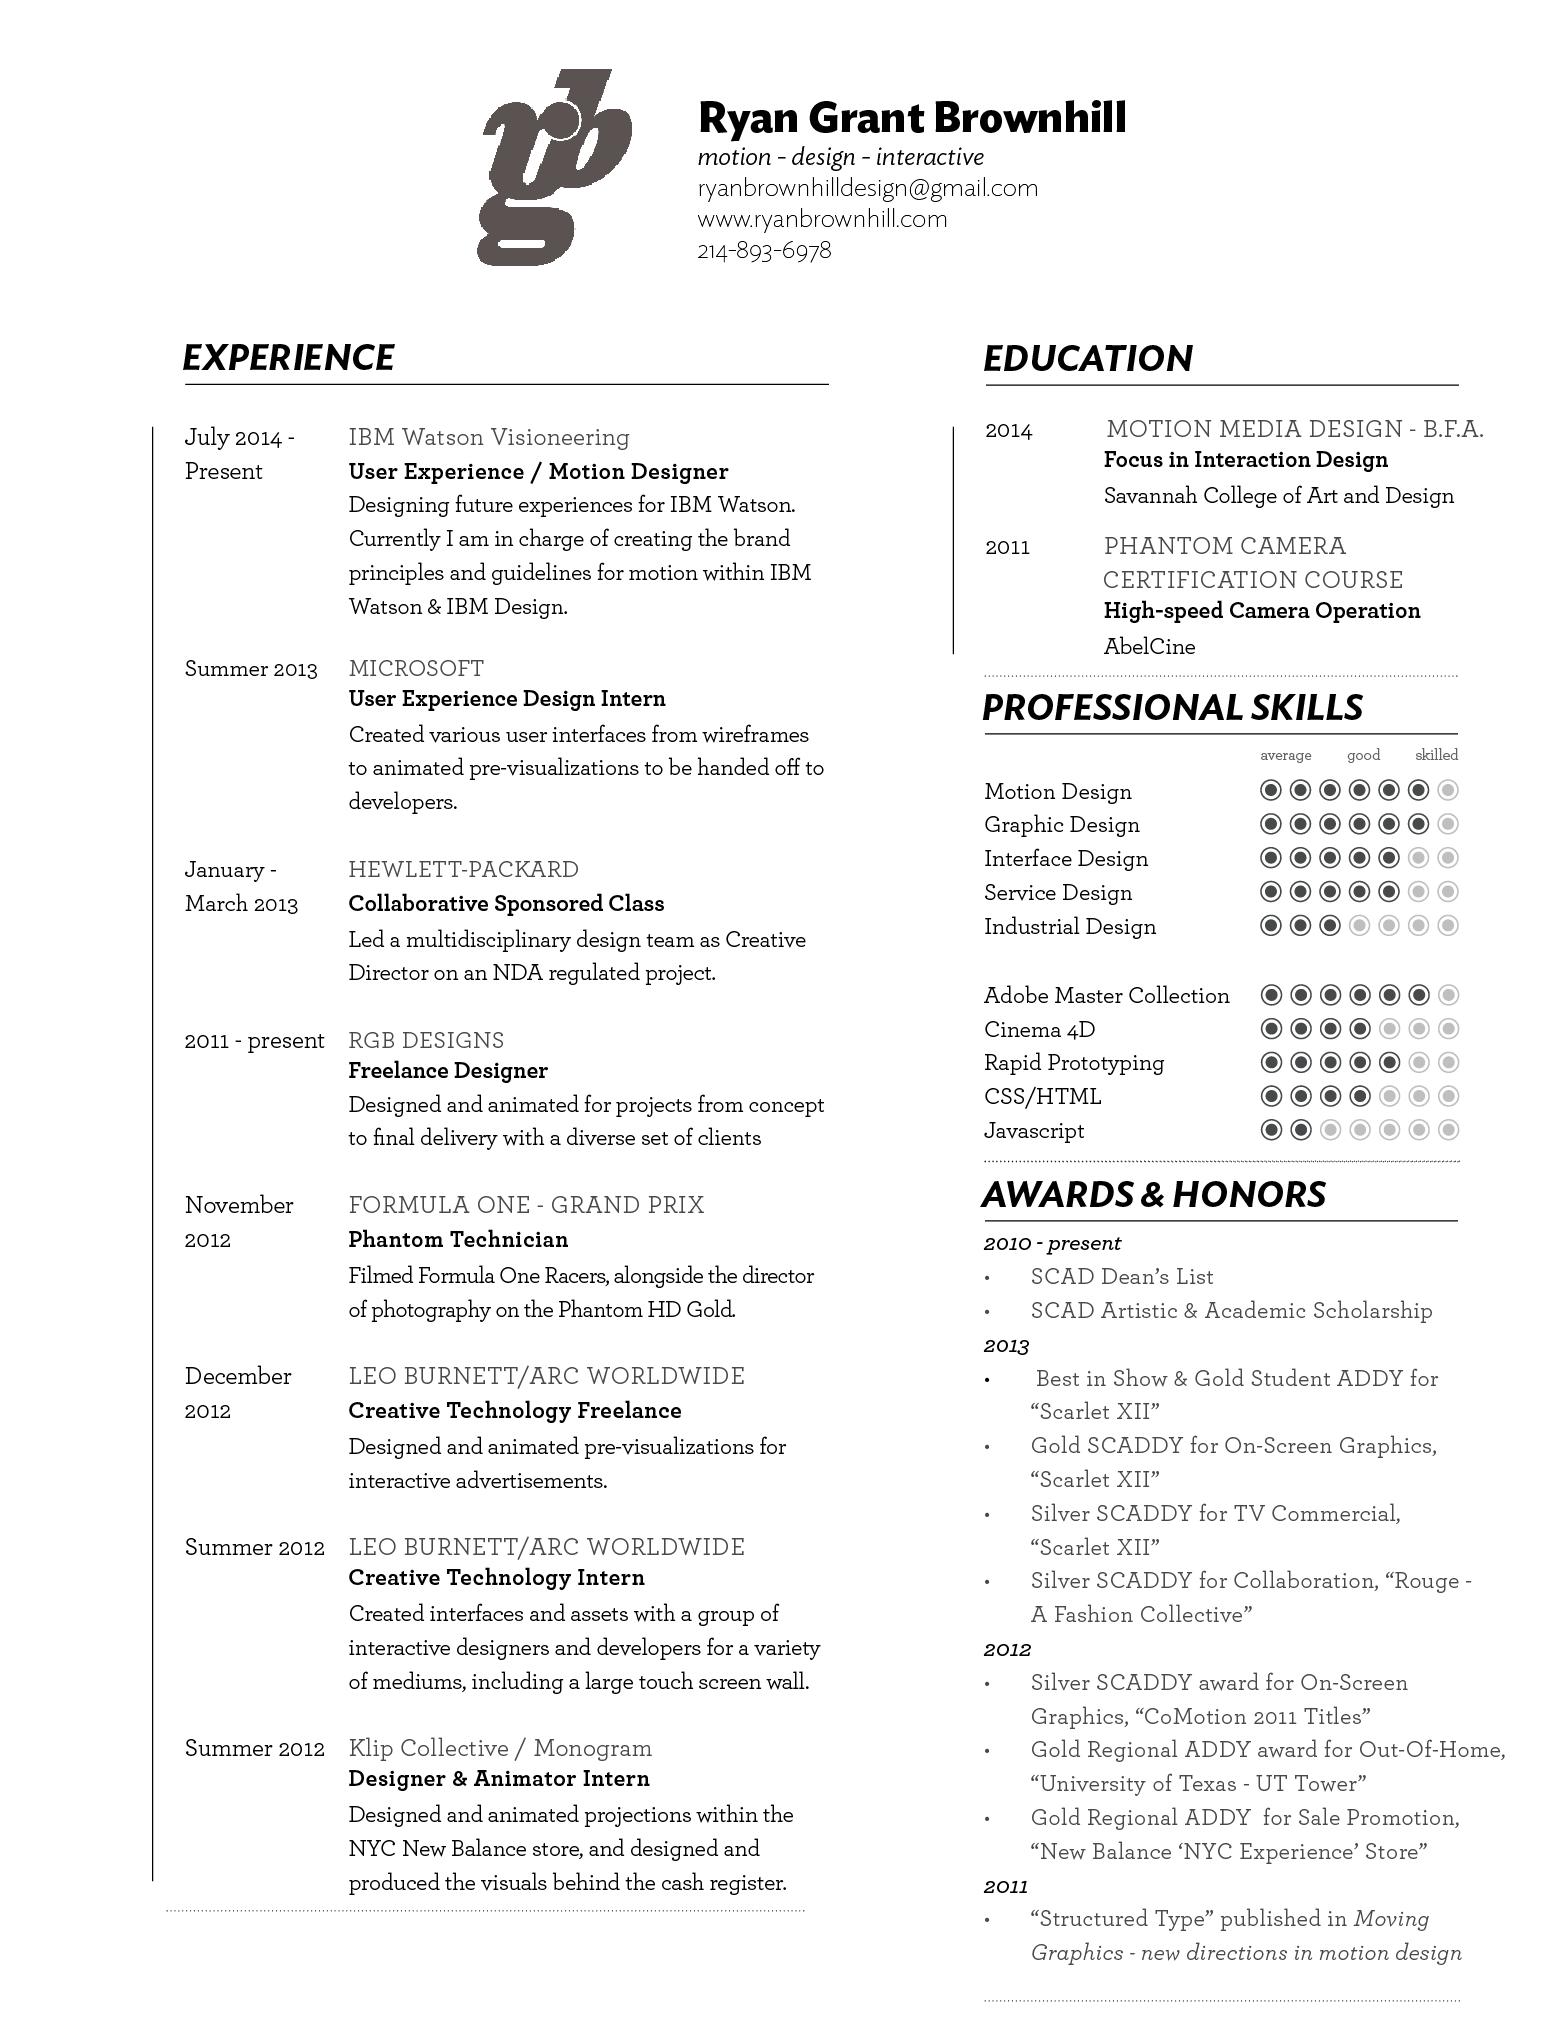 Ryan-Brownhill-Resume.png